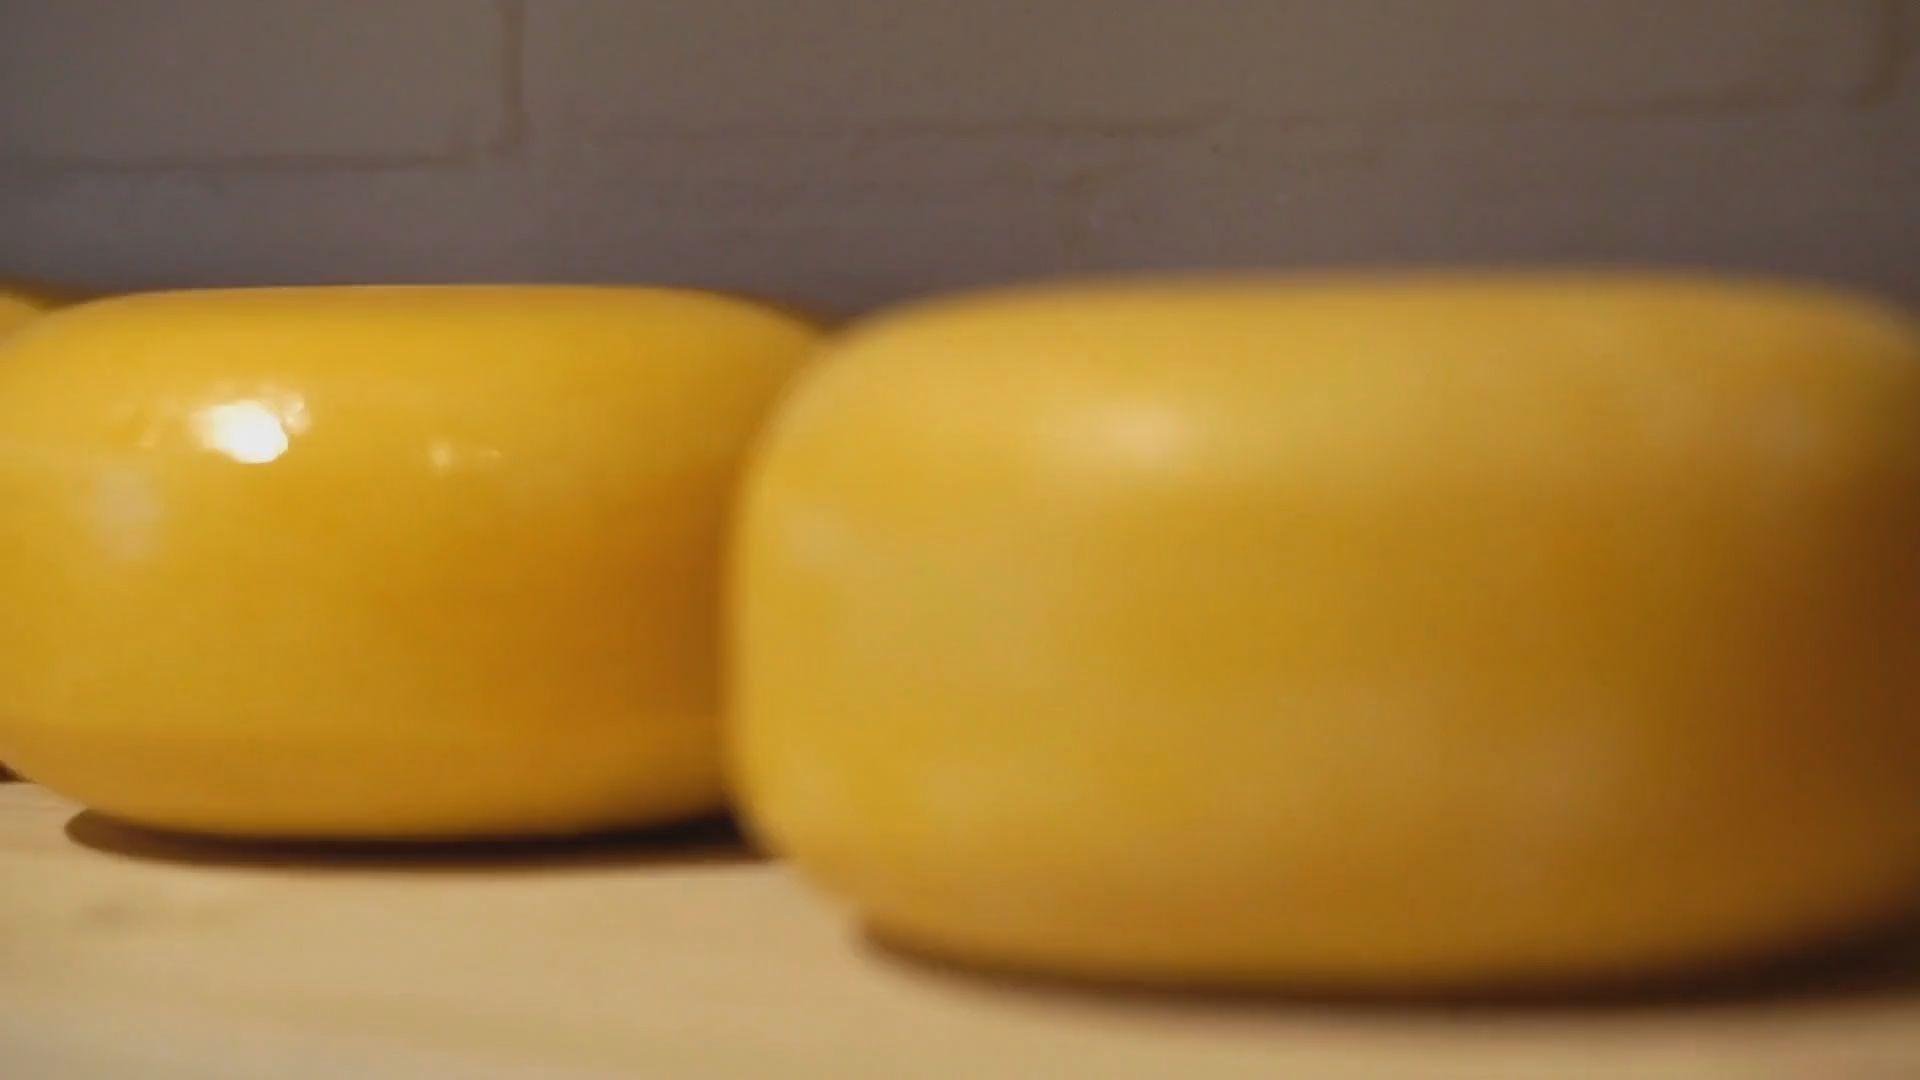 Käse-Rückruf: Innere Verletzungen und Blutungen drohen